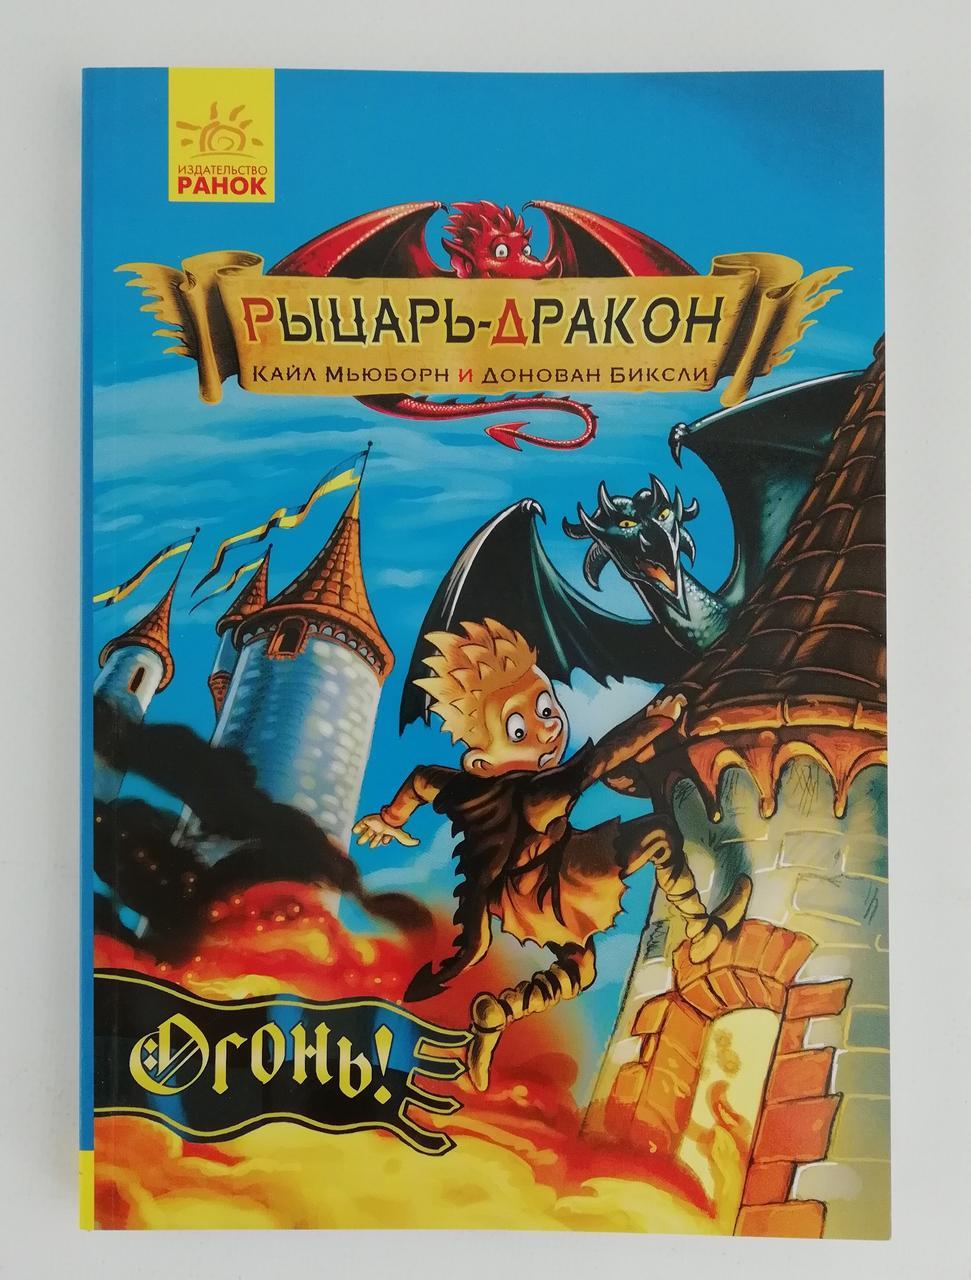 Книга Для чтения. Рыцарь-дракон Огонь Кайл Мьюборн и Донован Биксли Ч870002Р Ранок Украина